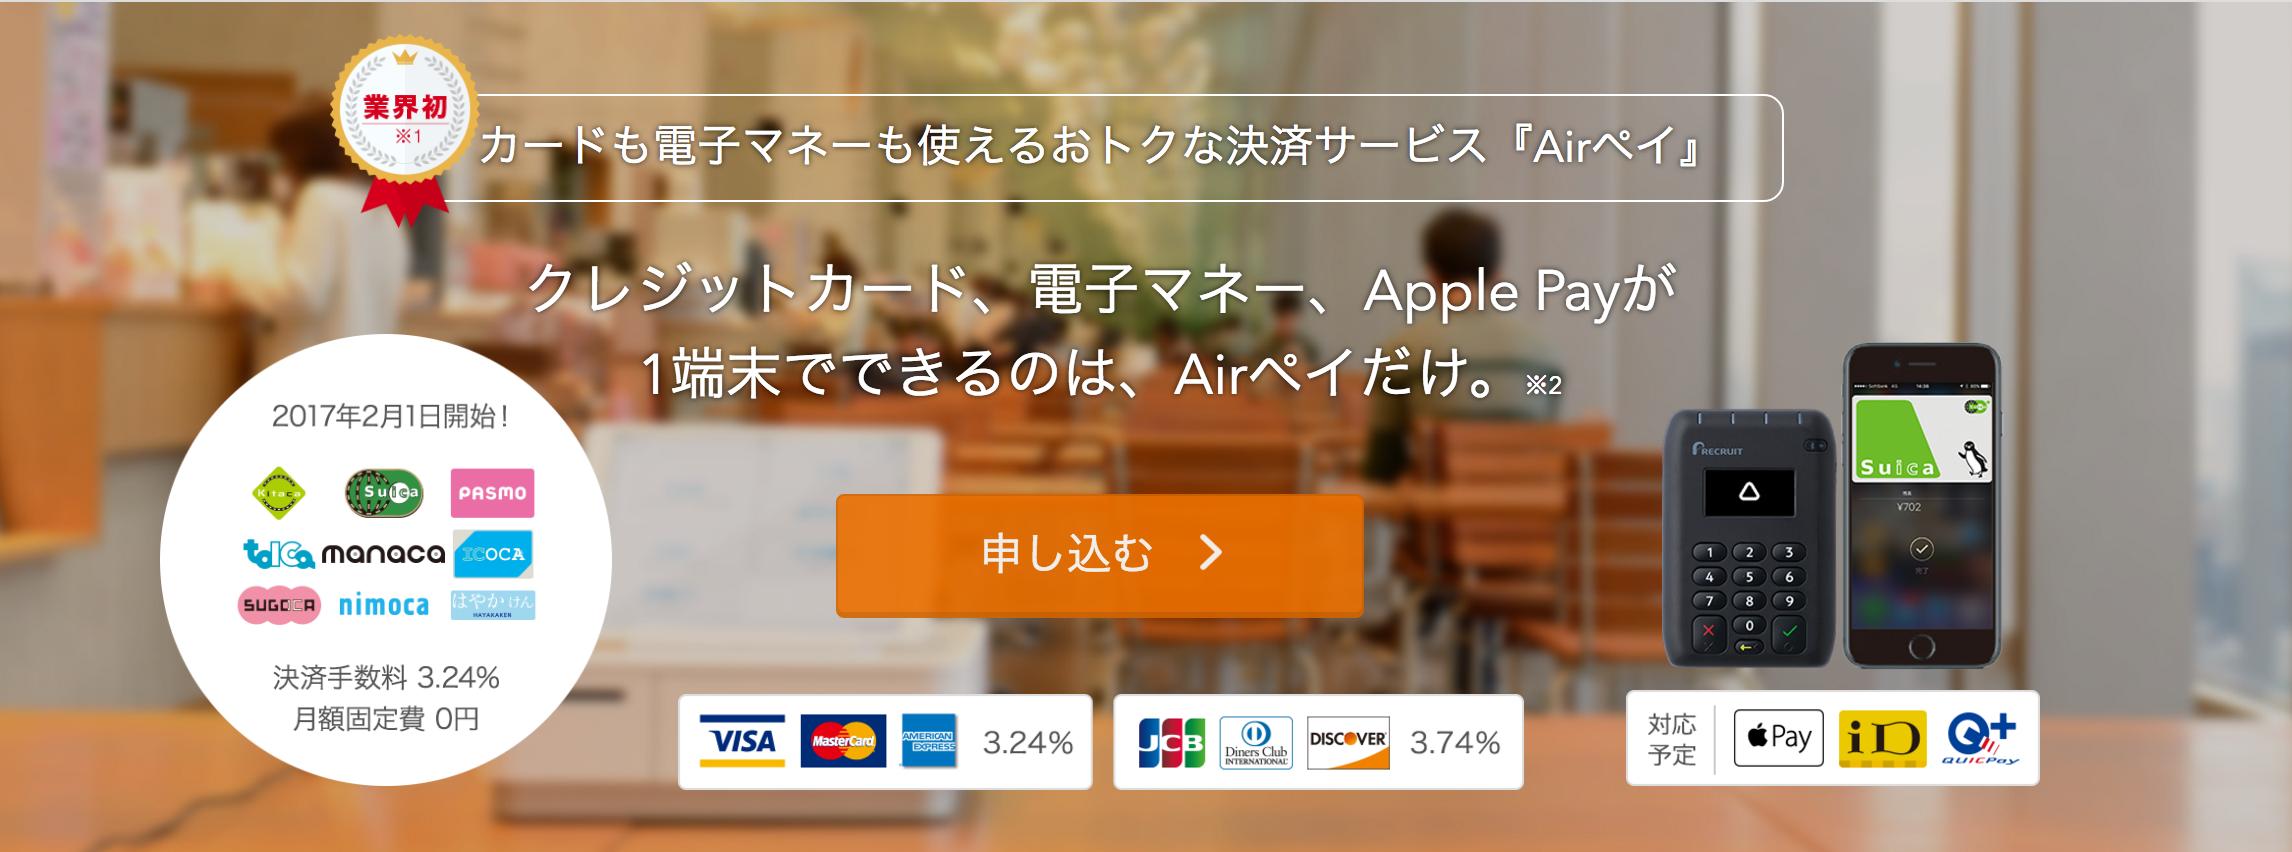 リクルートのAir PAY(エアペイ)でクレジットカード決済に対応!使い方や料金、導入方法とは